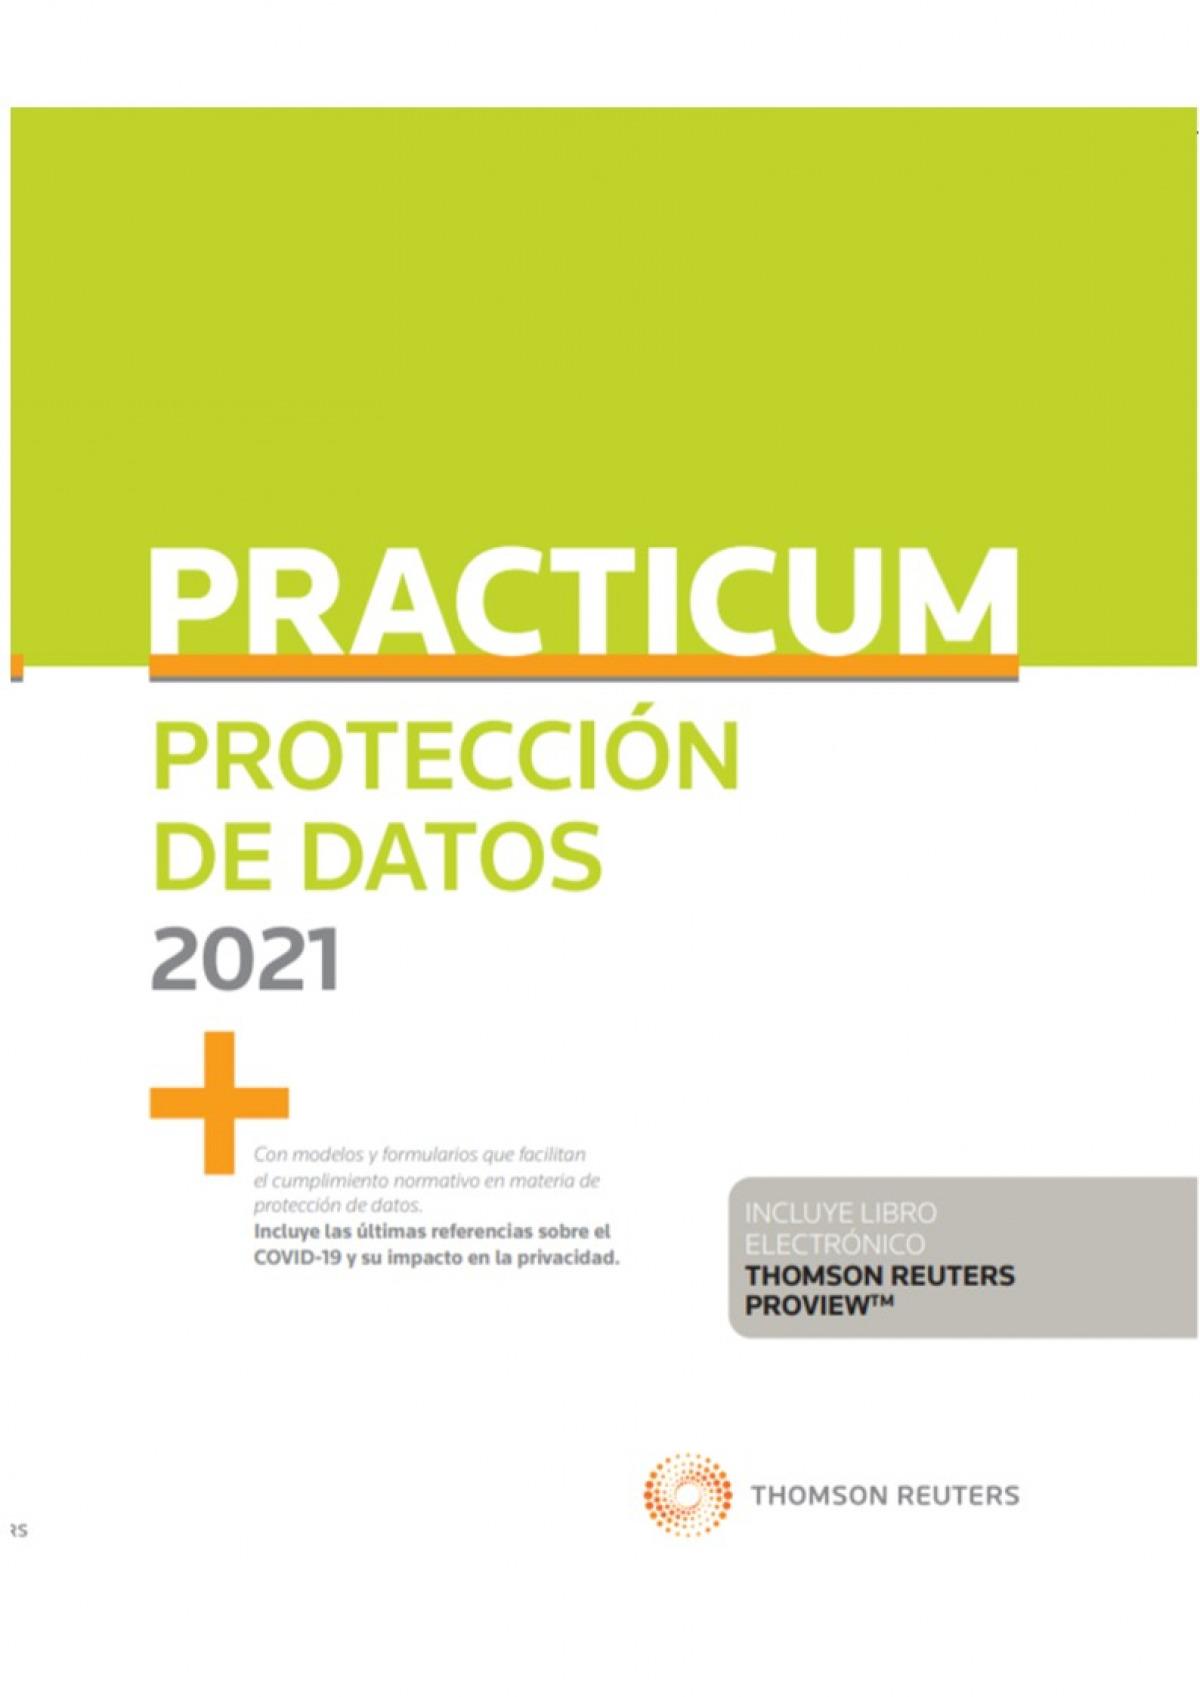 Practicum protección de datos 2020